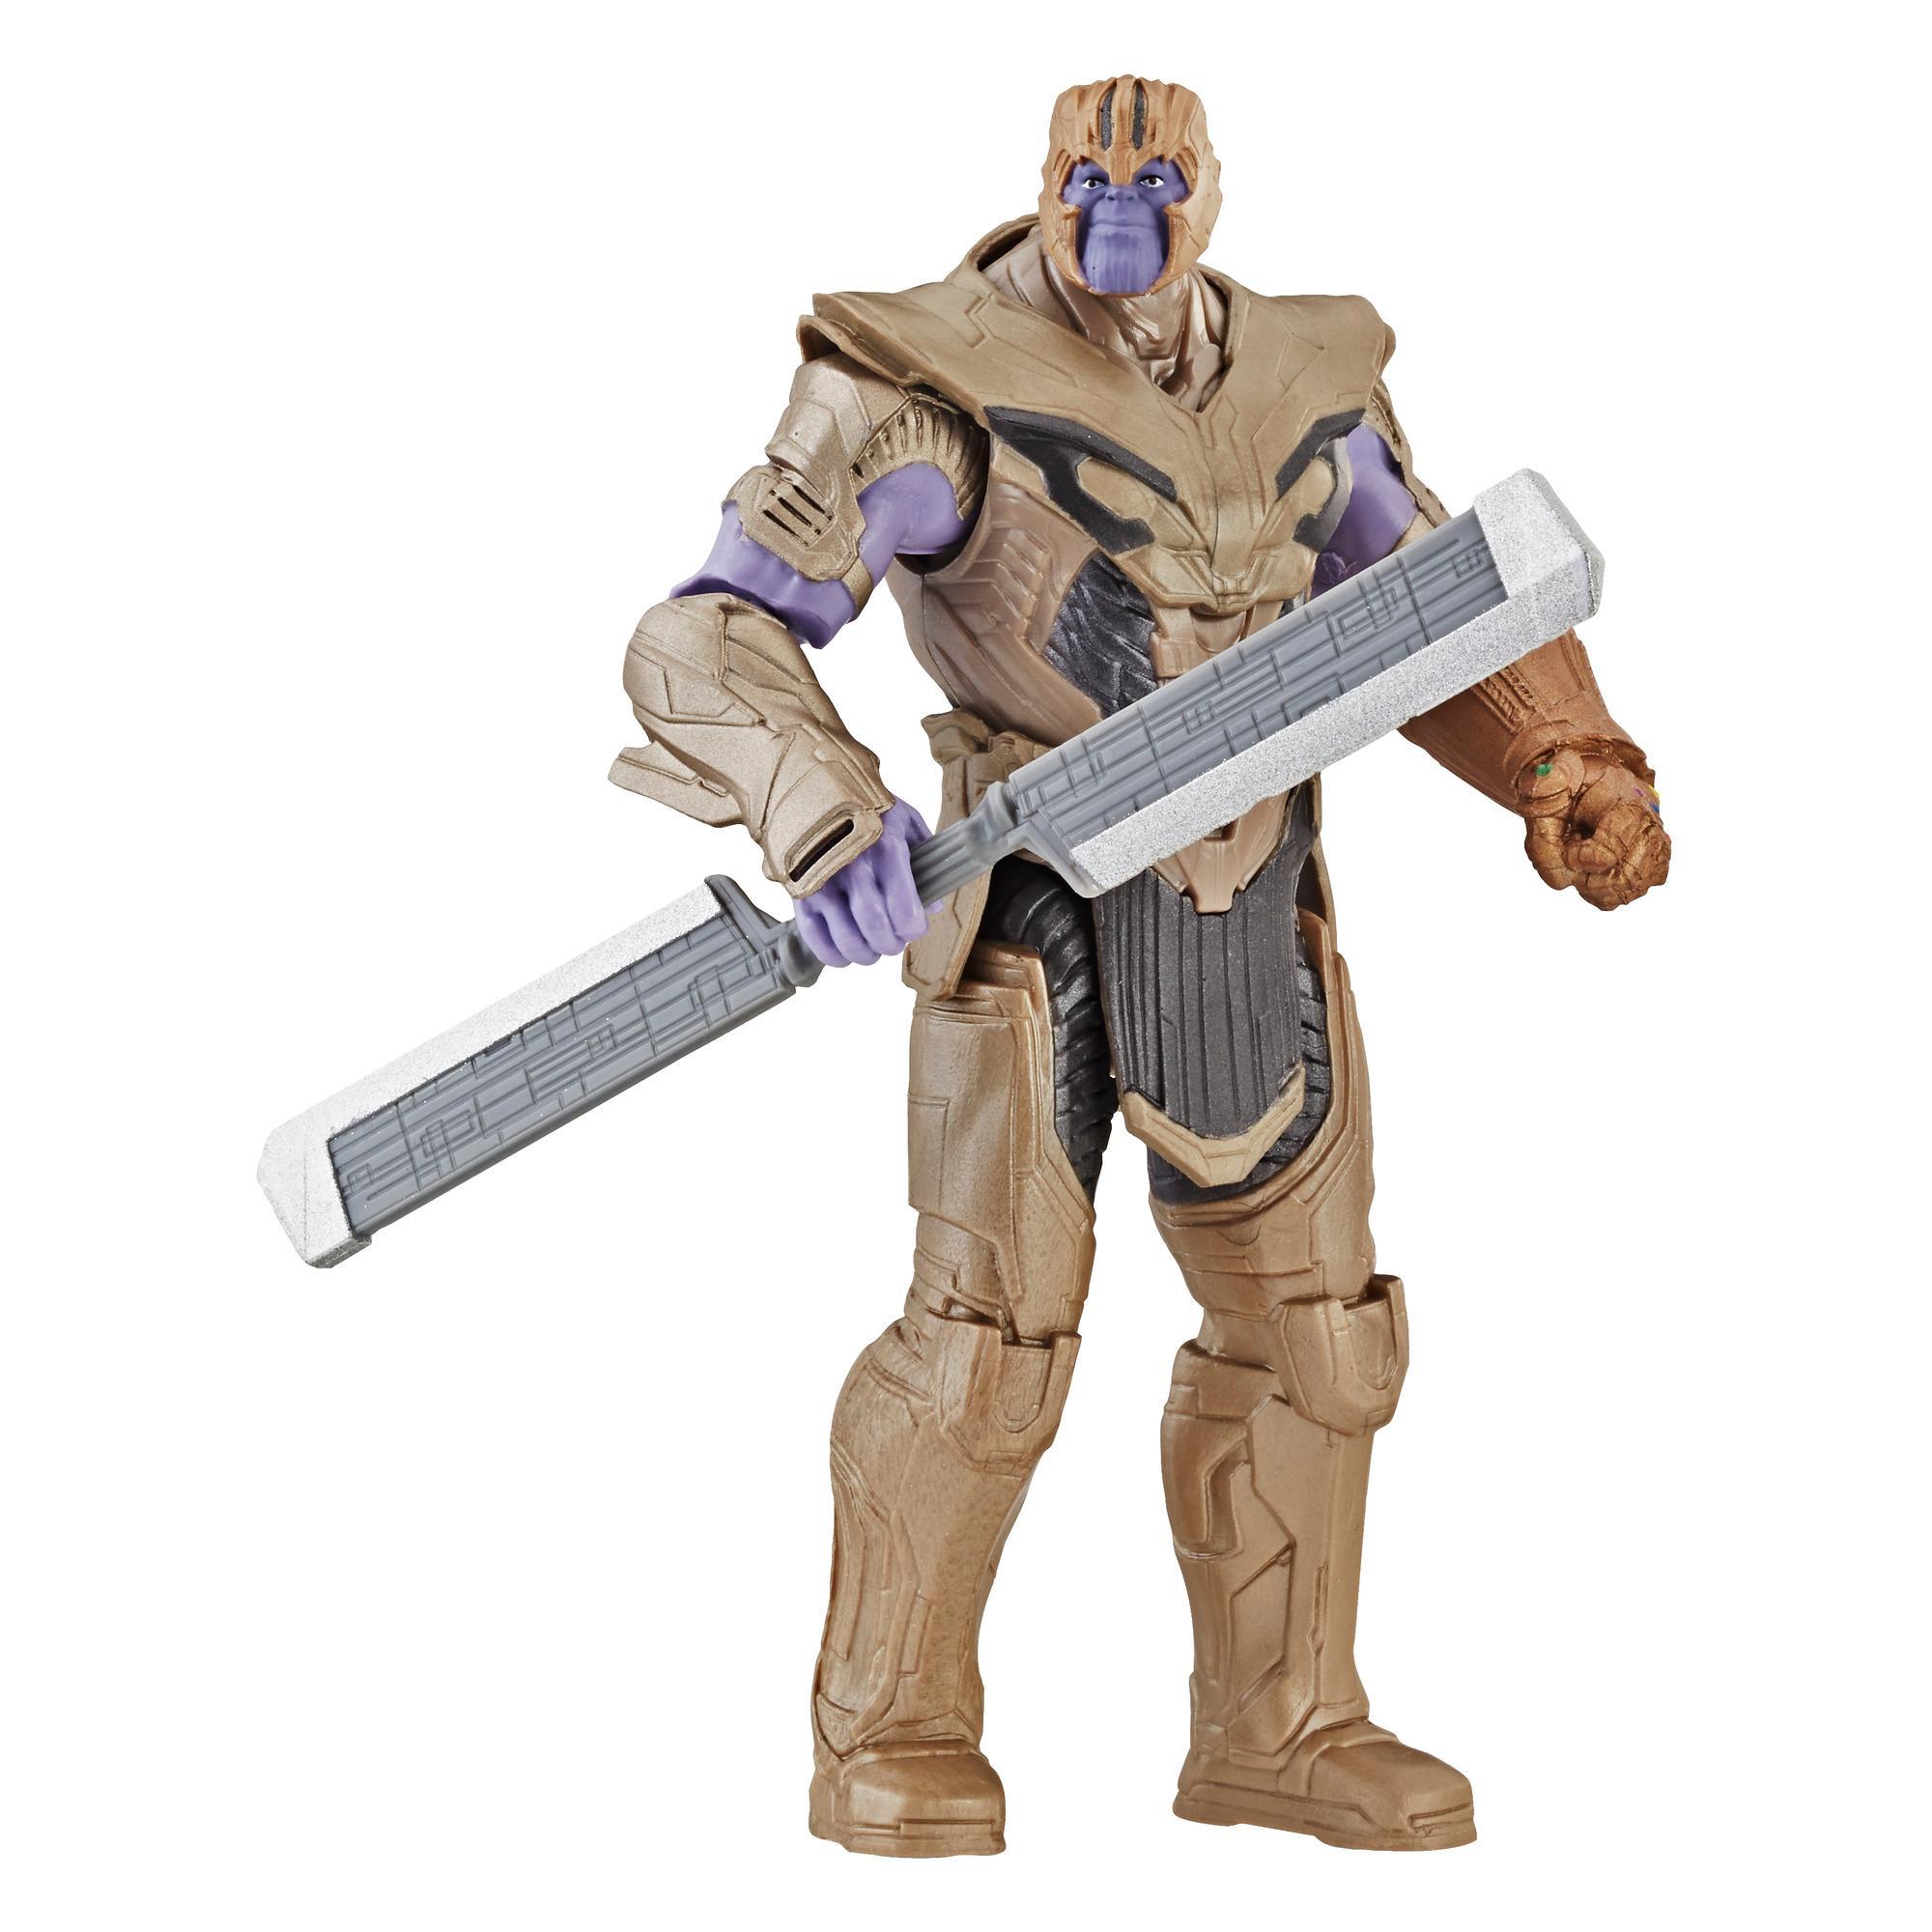 Marvel Avengers : Phase finale Figurine de guerrier Thanos de luxe tel que vu dans l'univers cinématographique de Marvel